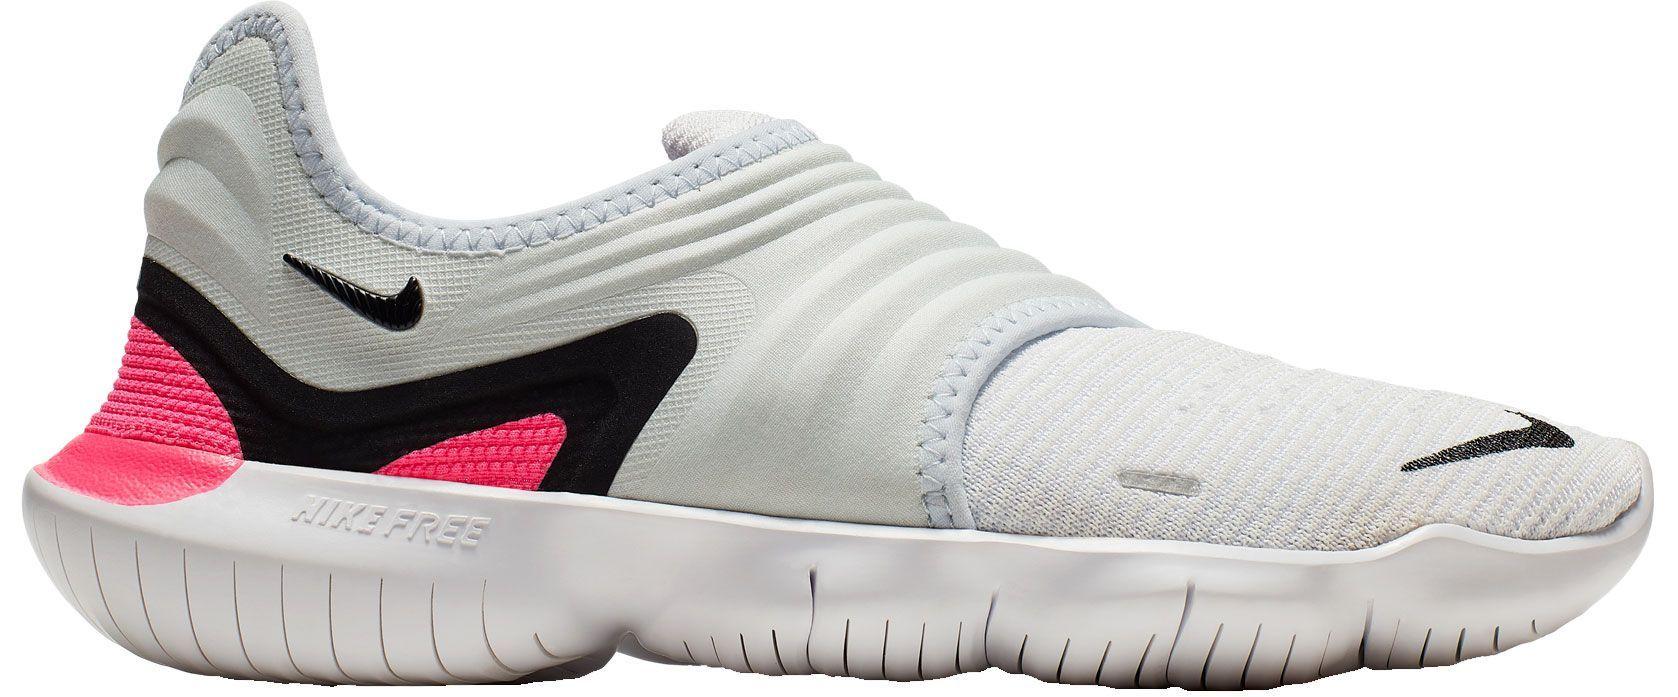 Nike Women's Free RN Flyknit 3.0 Running Shoes in 2019